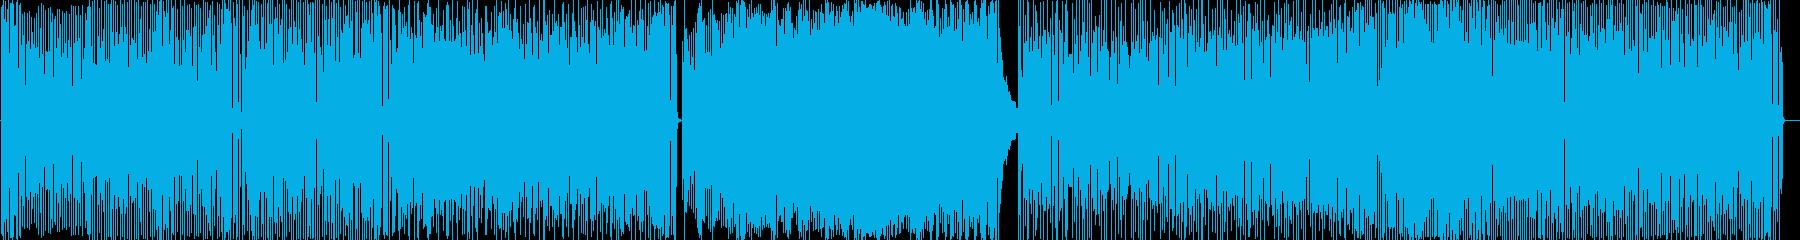 シンセサイザーをメインとしたアップテン…の再生済みの波形